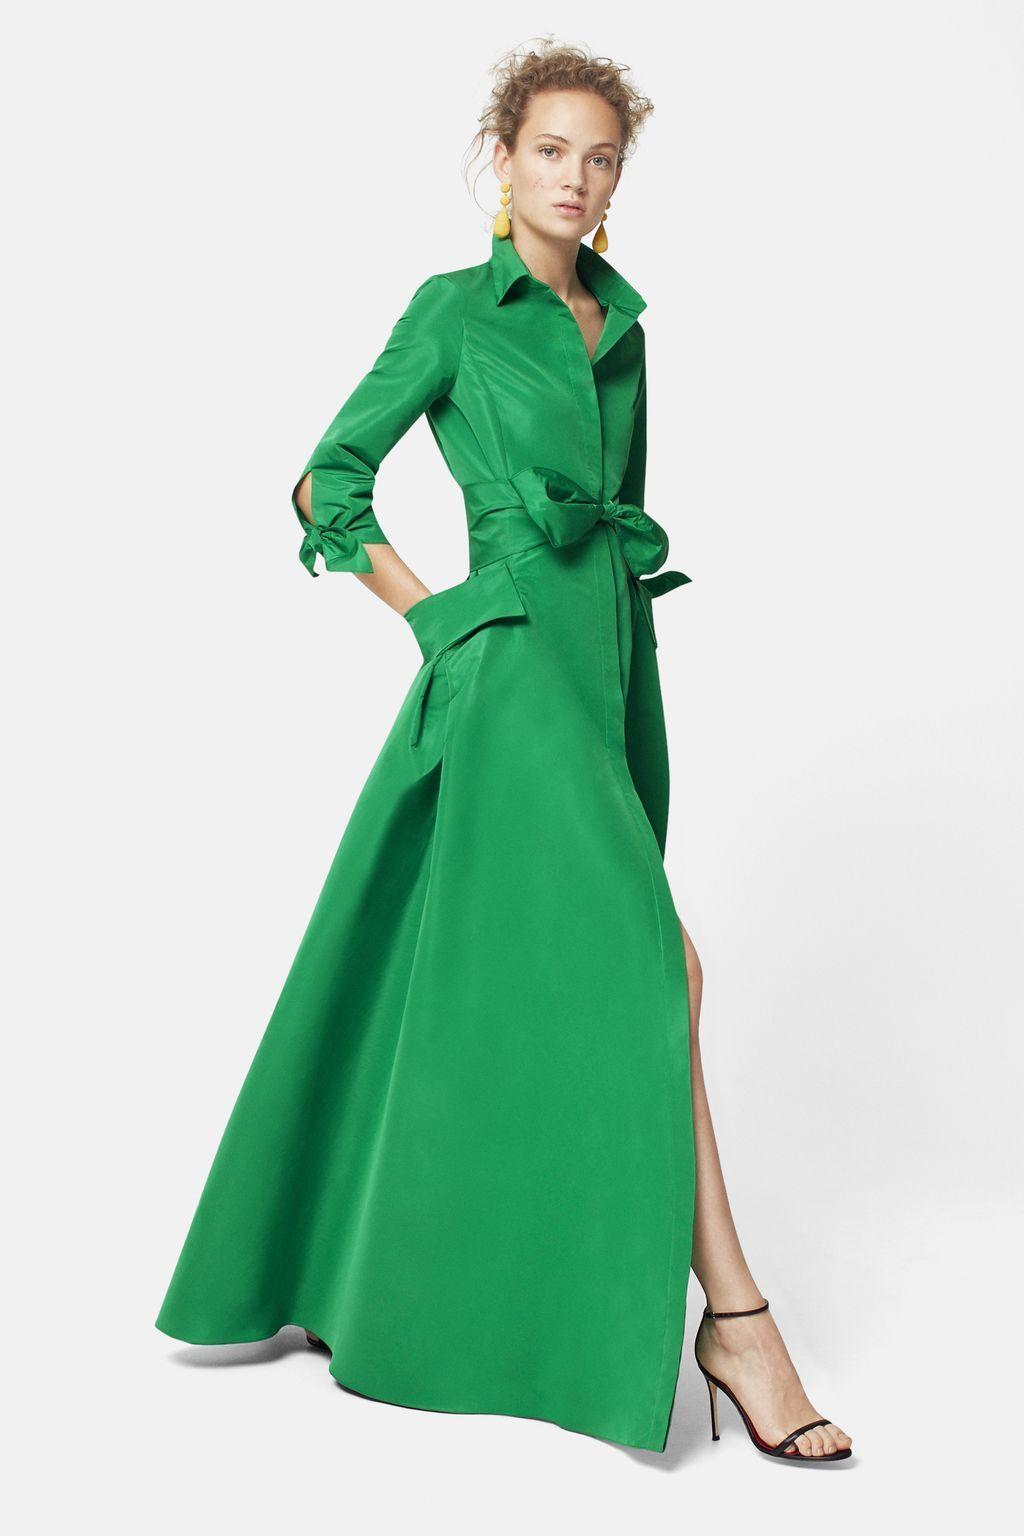 45668022c48f63 Vestido camisero de tafeta VERDE | Products en 2019 | Vestidos ...